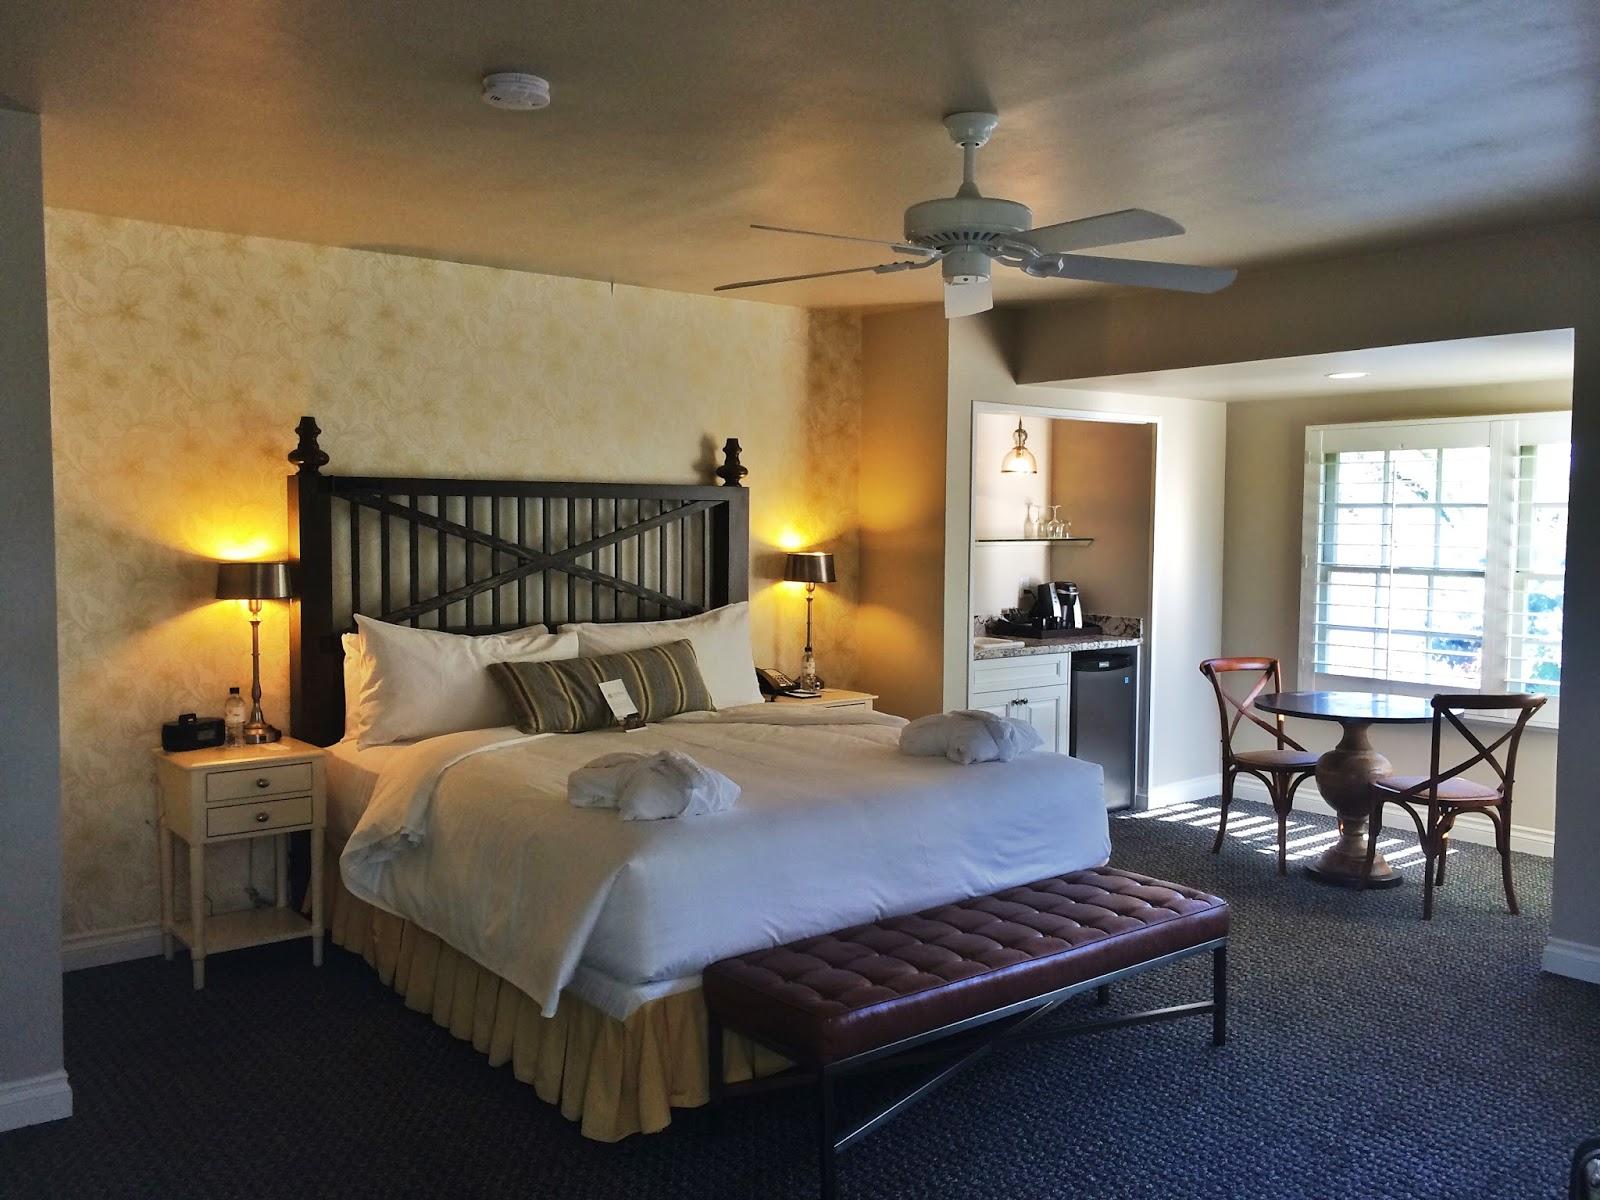 The Inn at Rancho Santa Fe California by Jessica Mack aka SweetDivergence